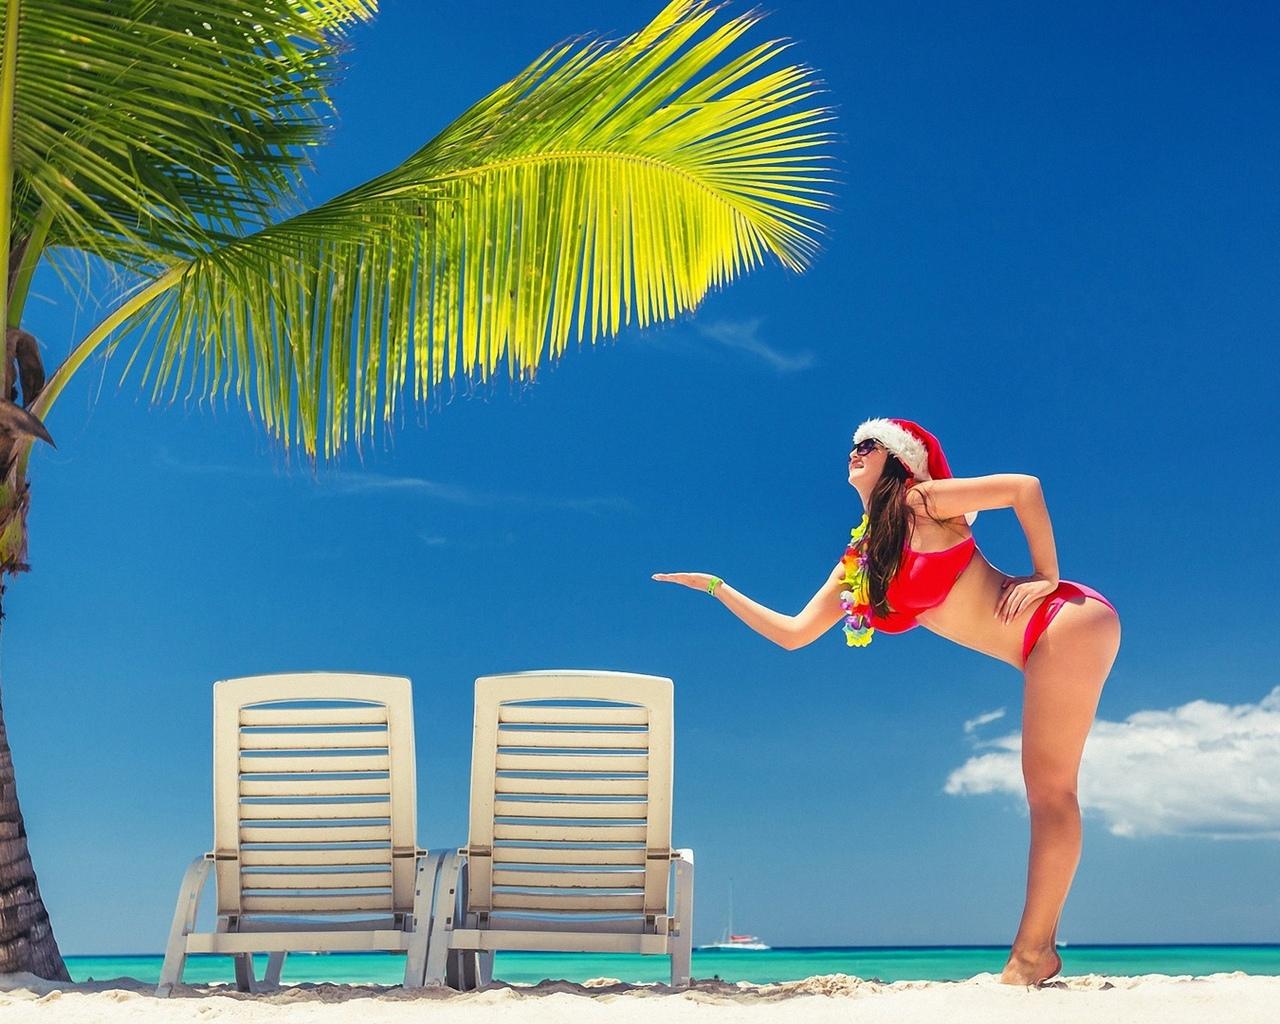 девушка, модель, позирует, в белье, снегурочка, тропики